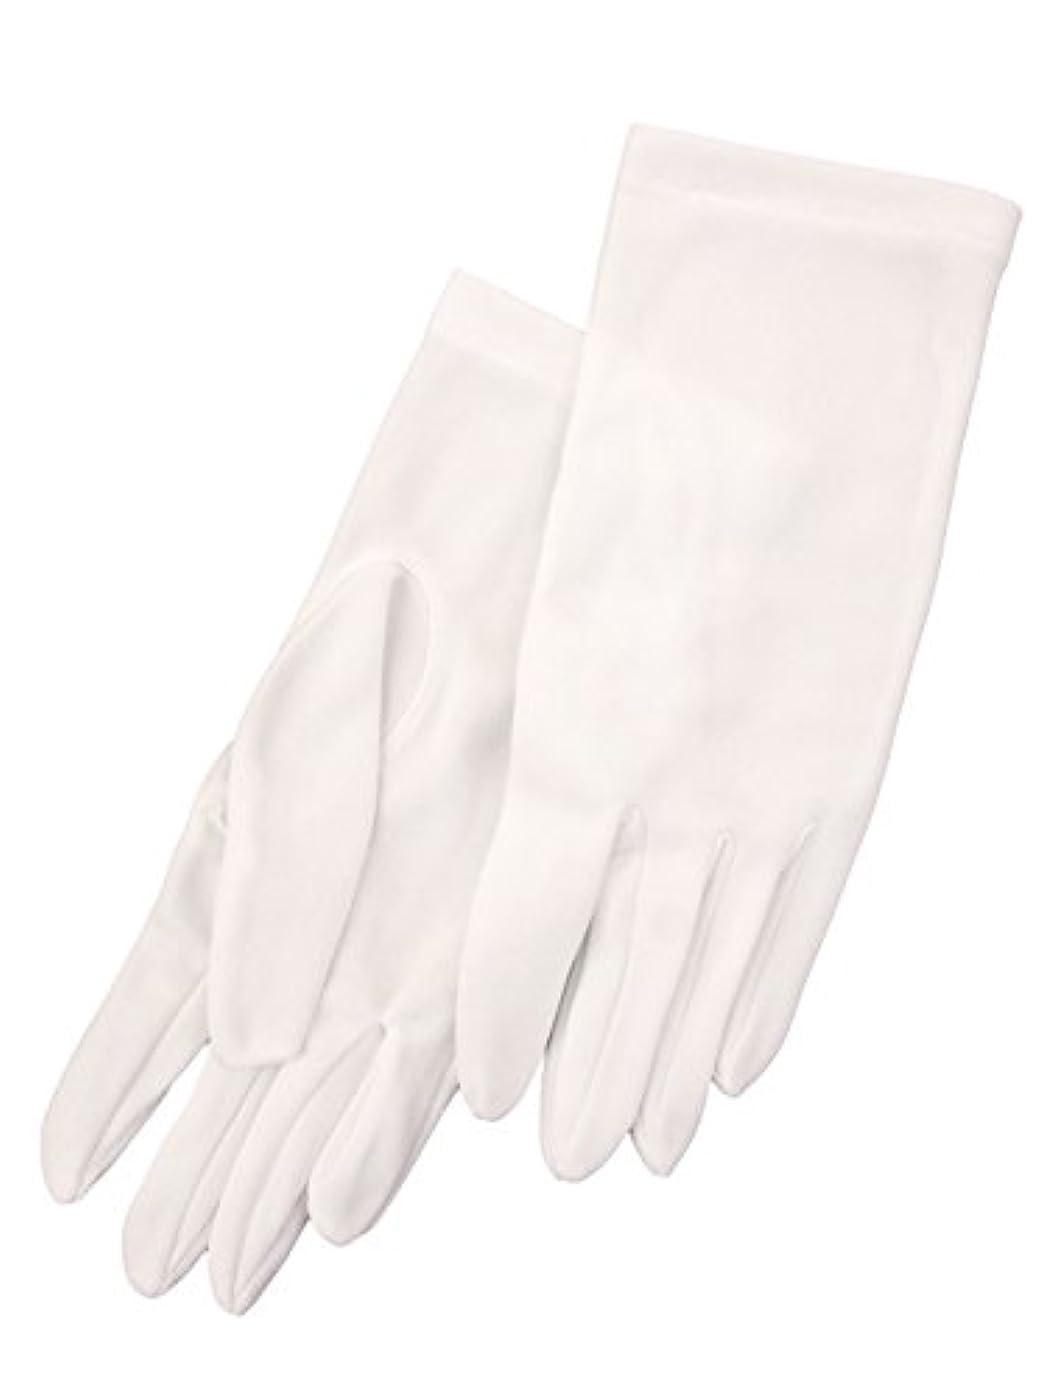 面干し草無臭婦人 白ナイロン手袋 23000 ホワイト M